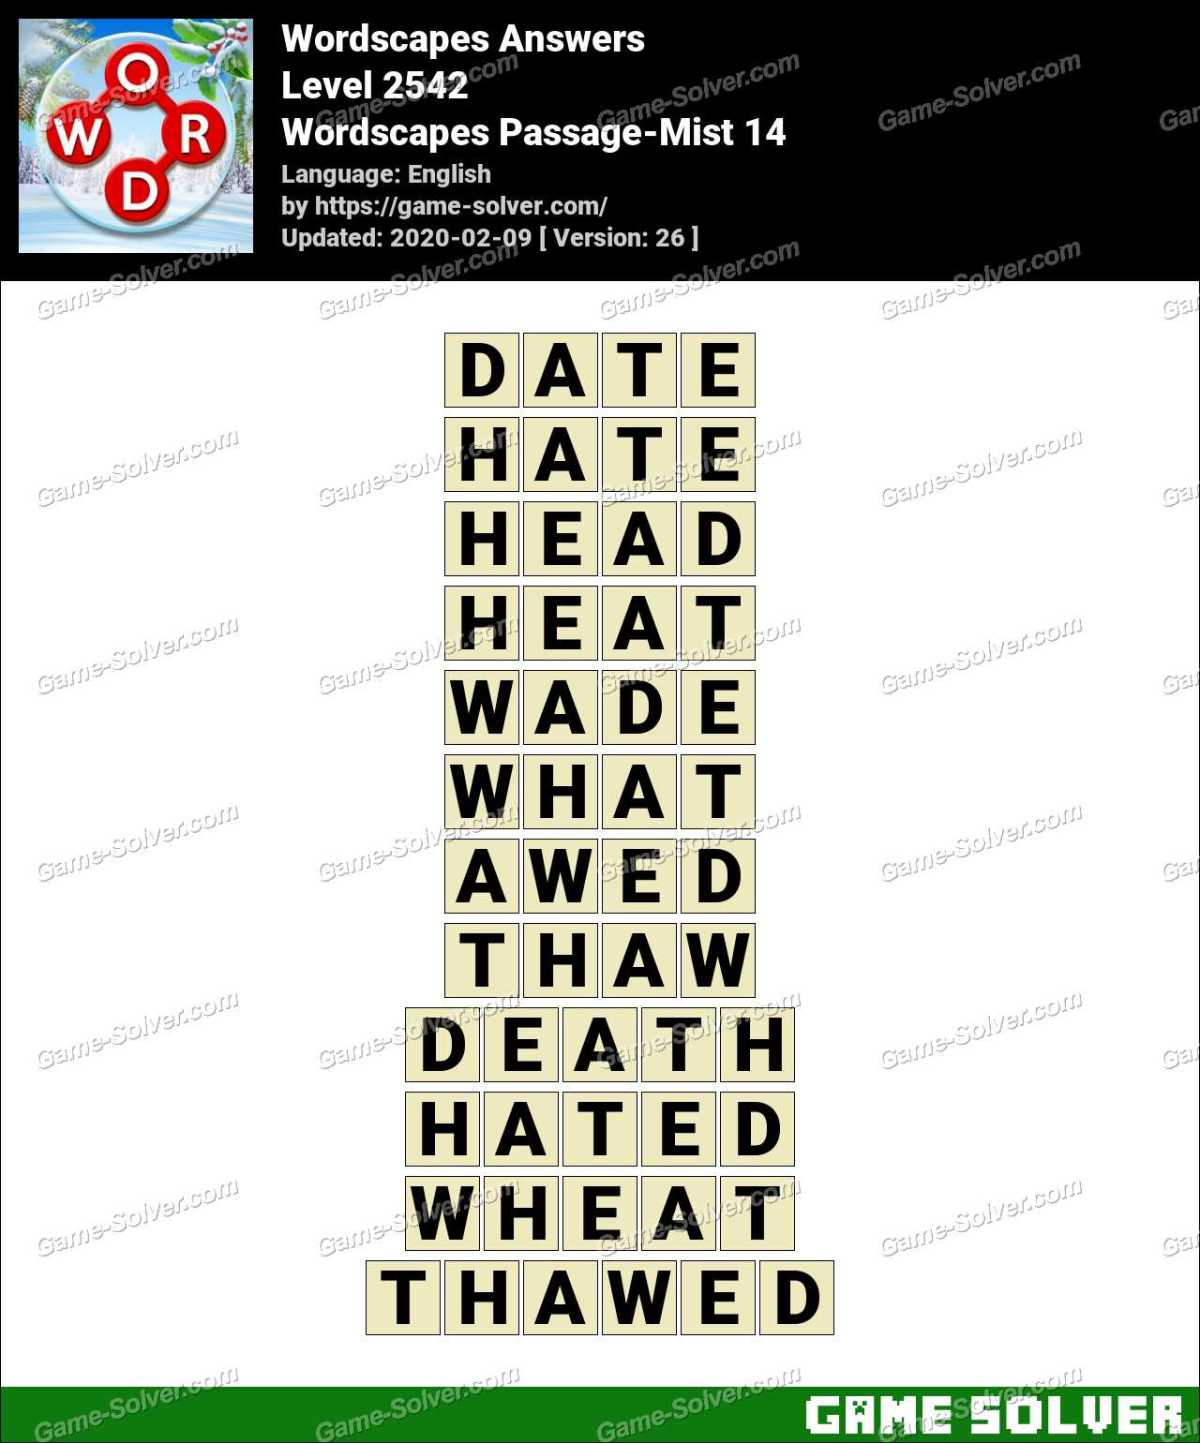 Wordscapes Passage-Mist 14 Answers